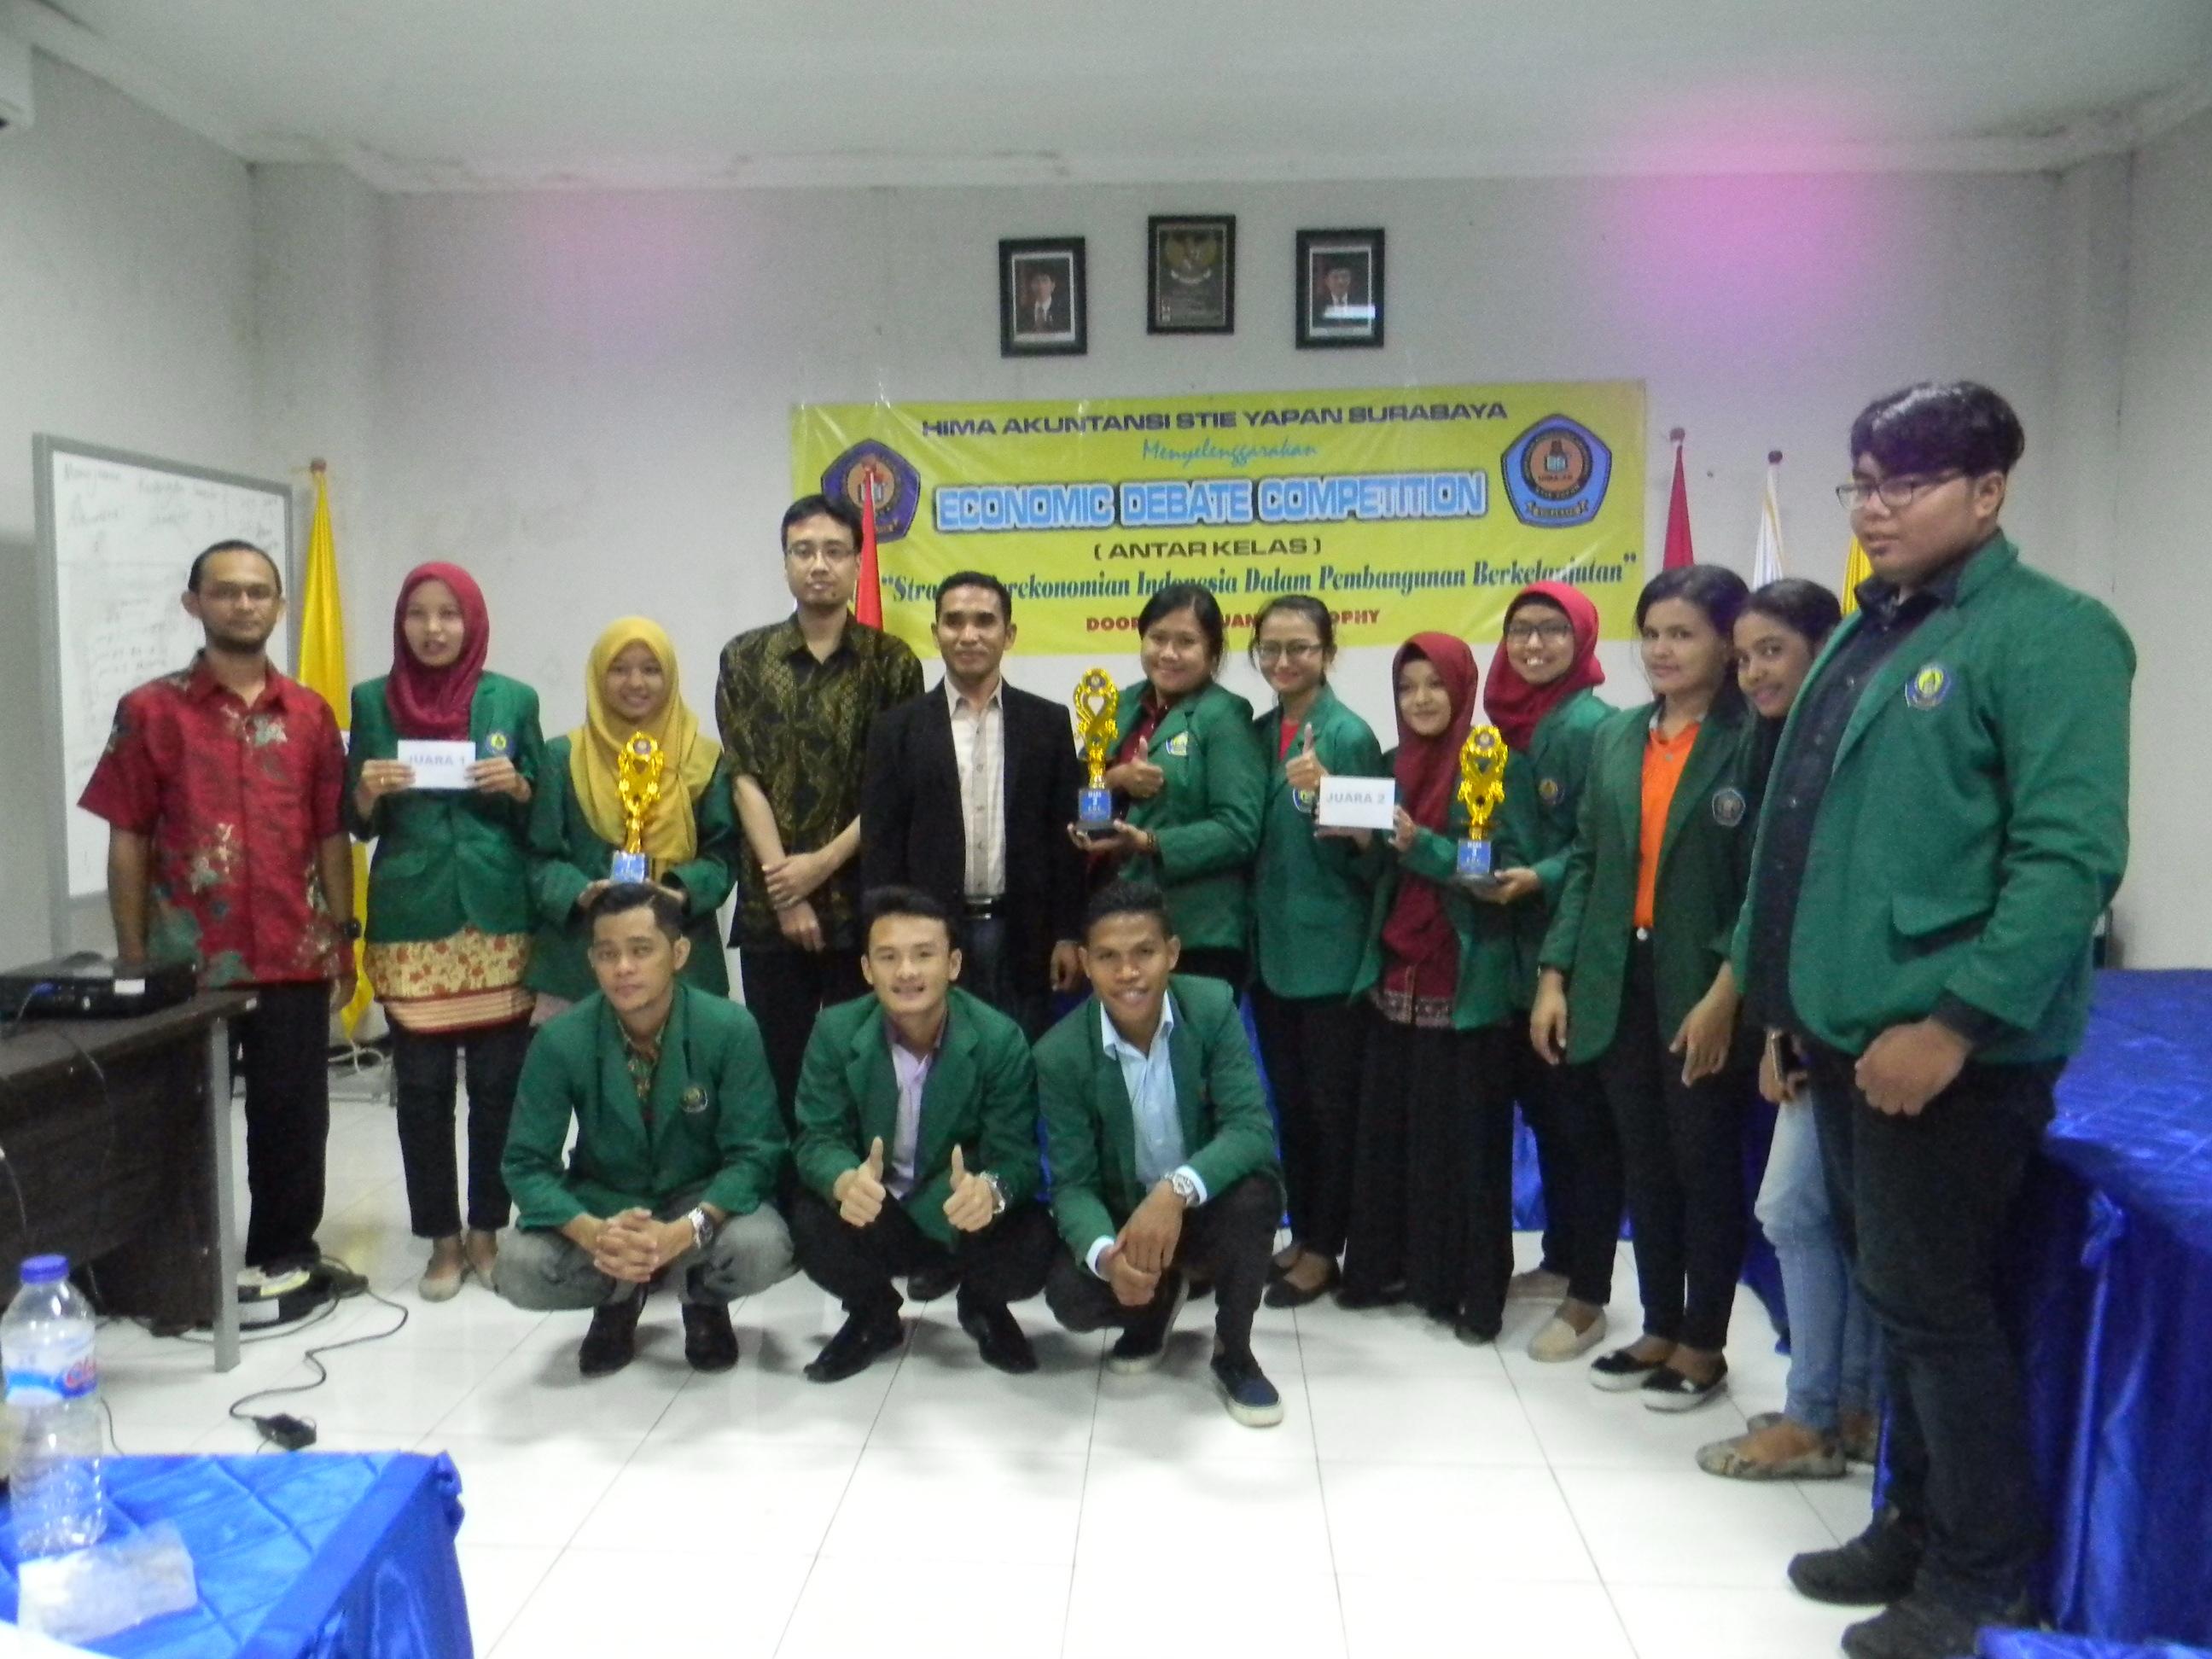 Economic Debate Competition Mahasiswa STIE YAPAN Surabaya